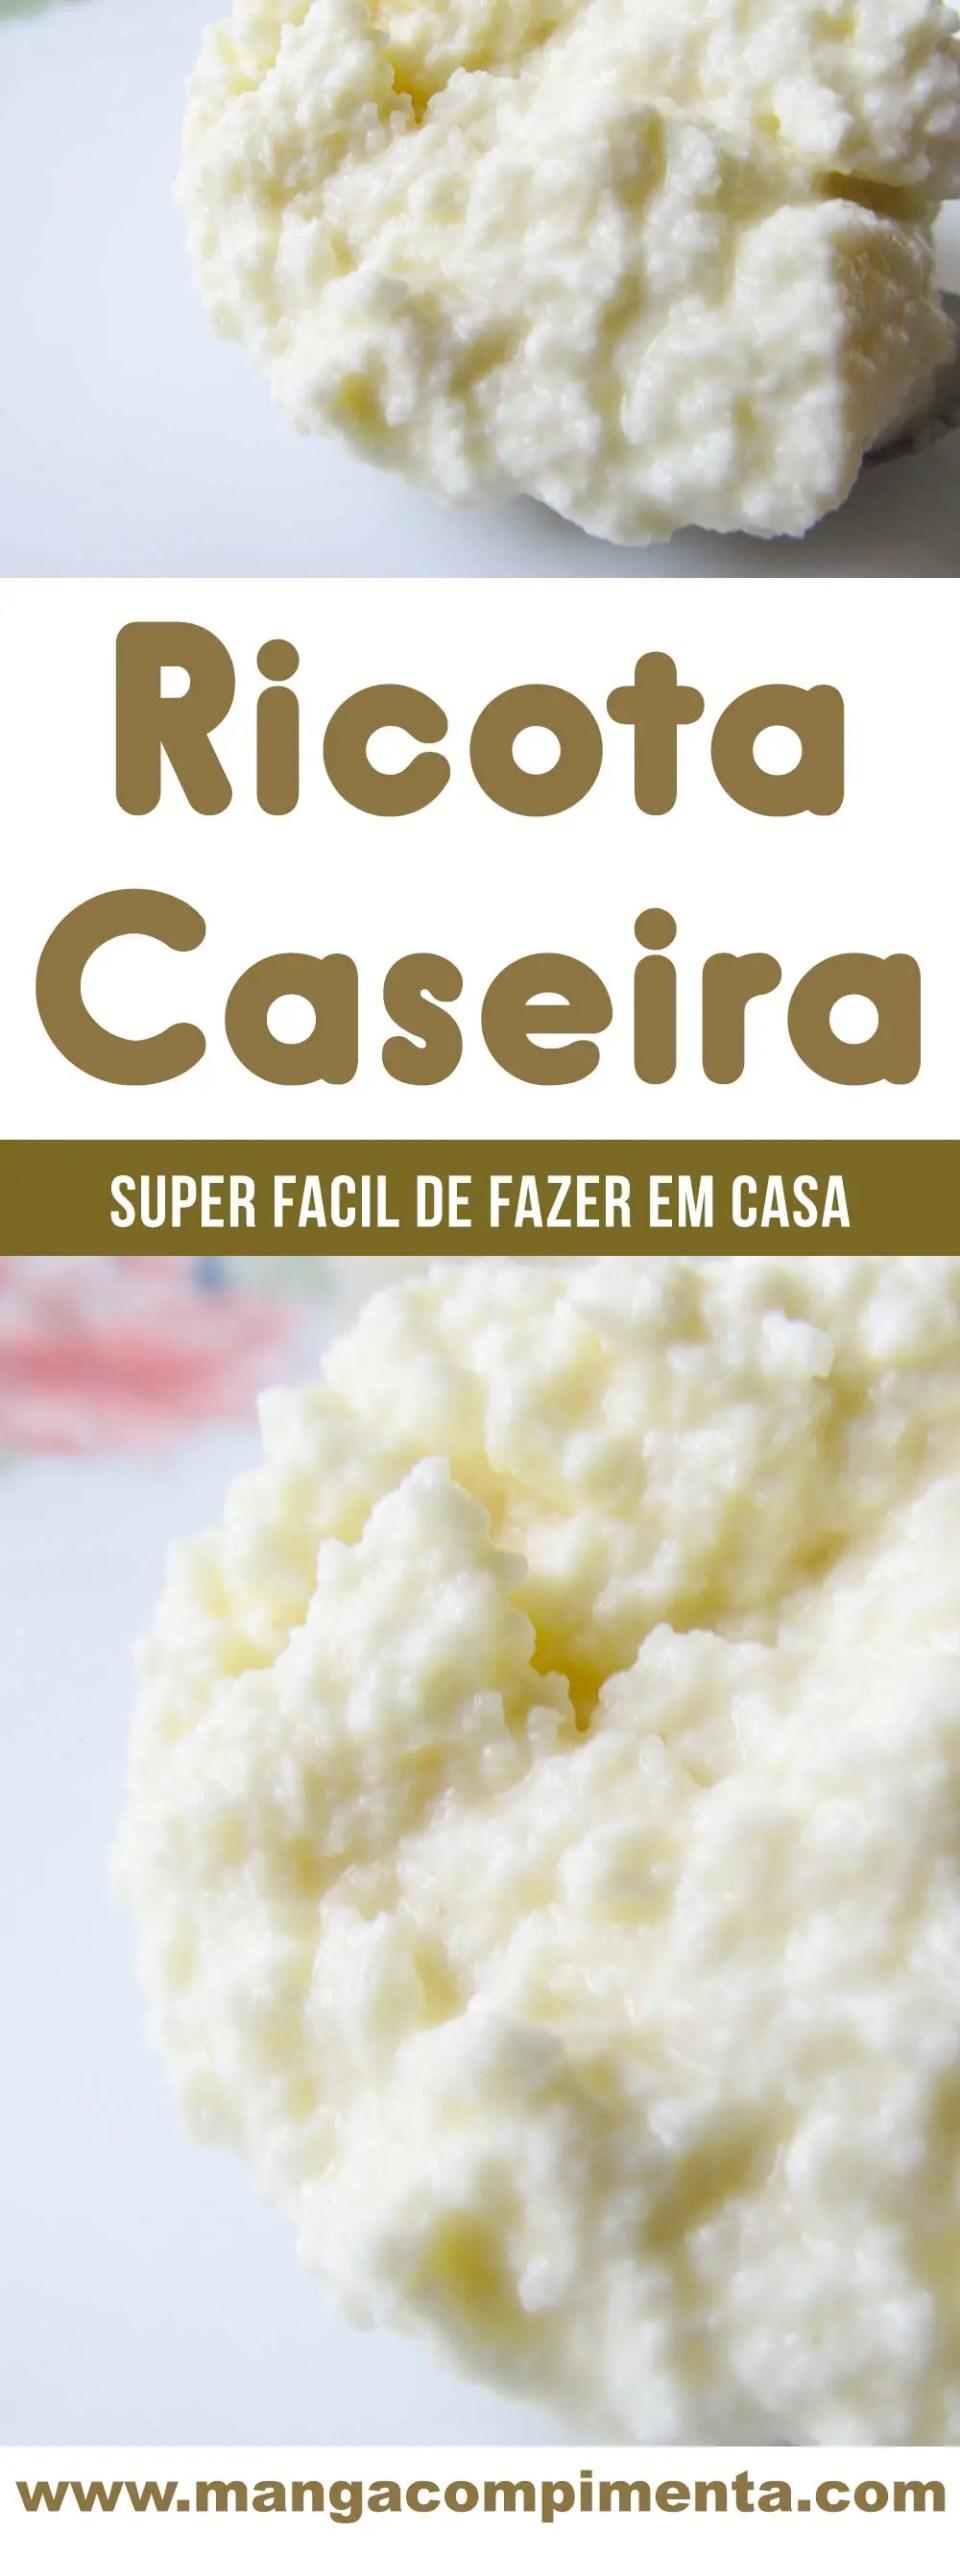 Ricota Caseira - é muito fácil de fazer em casa, aprenda o passo a passo aqui no Manga com Pimenta.